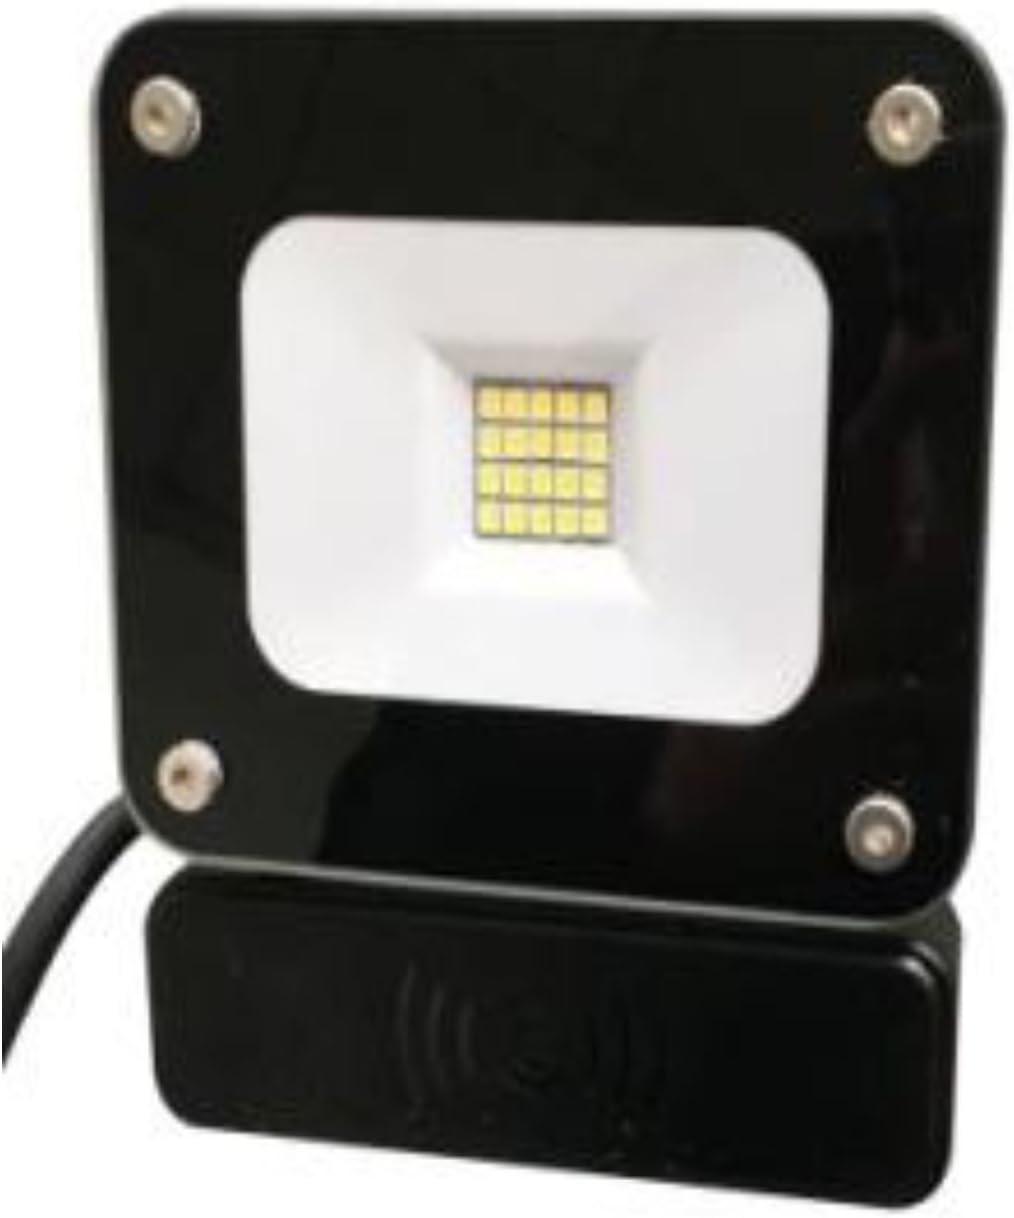 ☆☆☆☆☆ 10x 30W LED Fluter draussen Außen Strahler Scheinwerfer Flutlicht Warmweiß